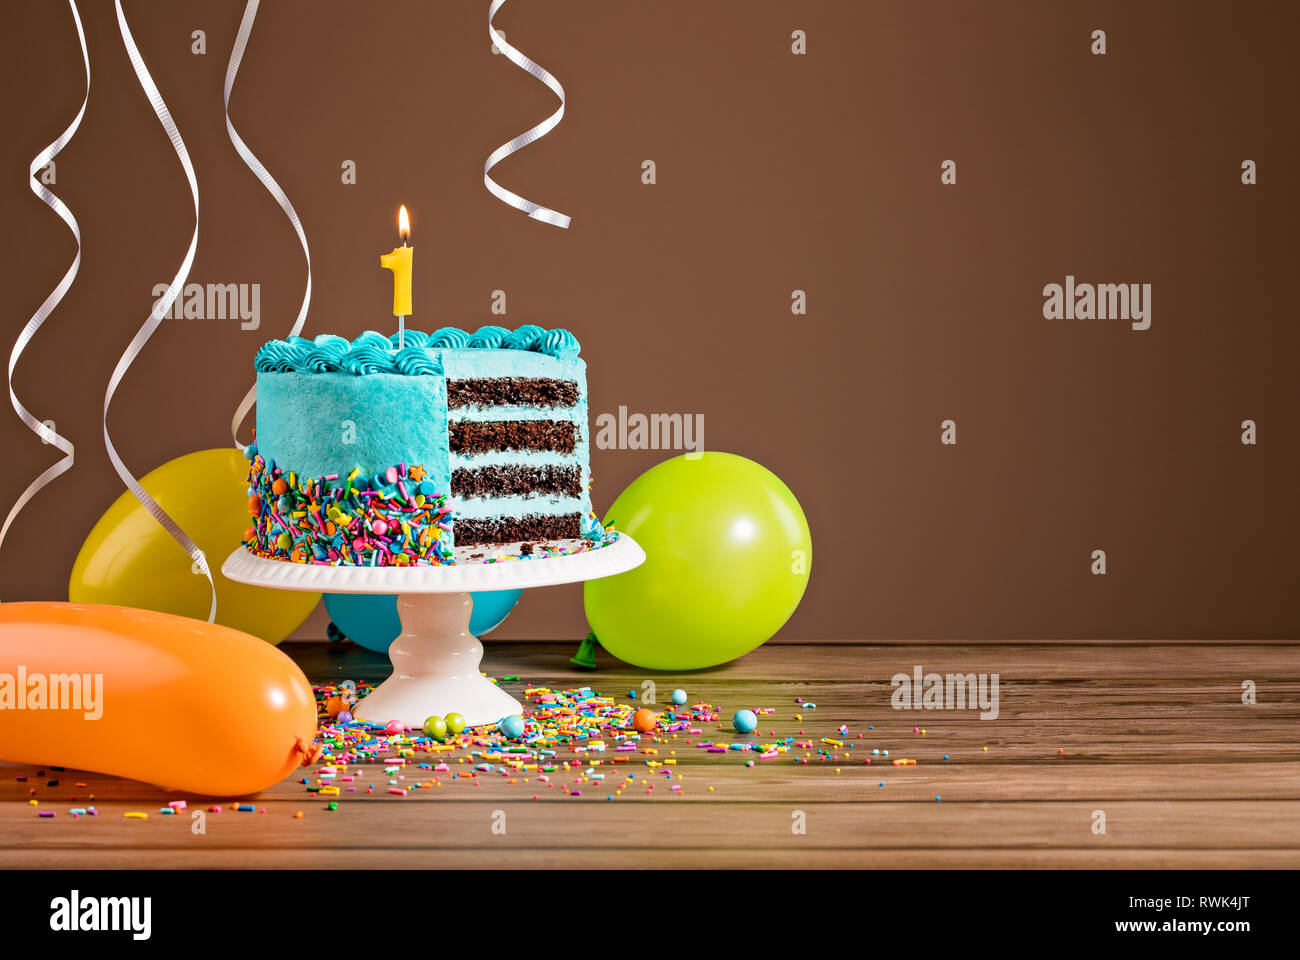 Tarta de Cumpleaños con buttercream azul hielo y globos de colores y una vela número 1. Imagen De Stock